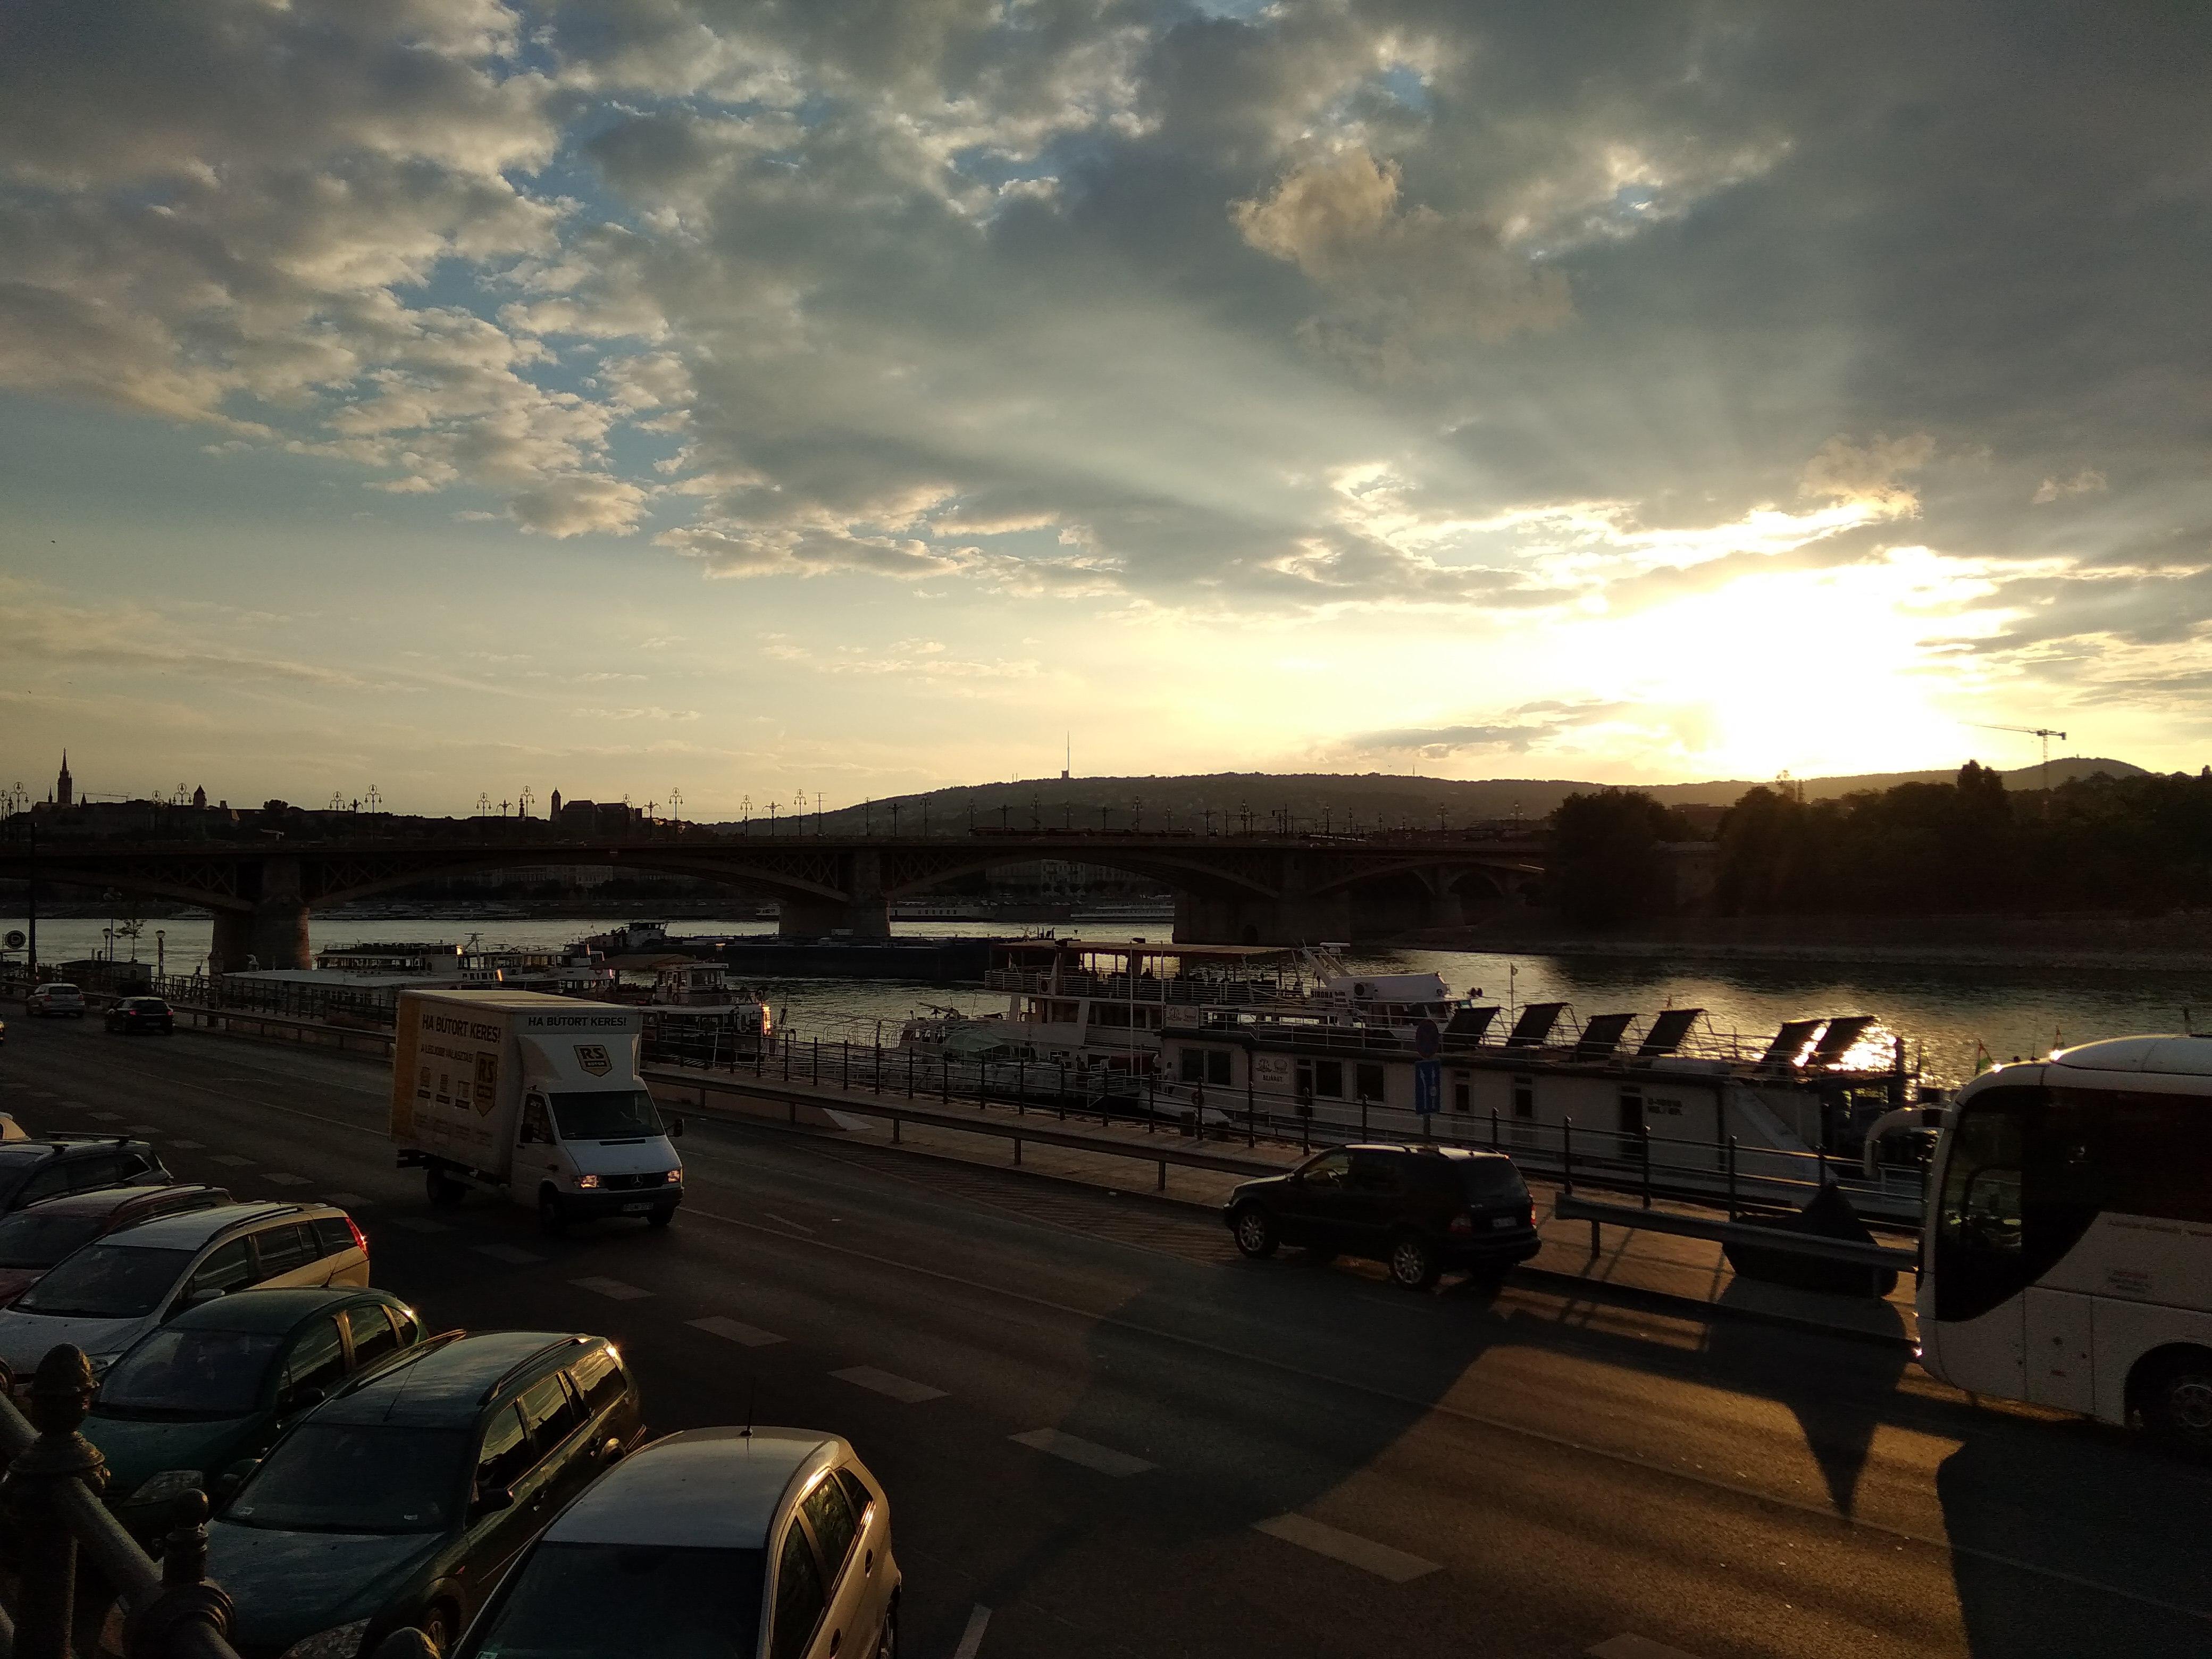 Sima hétköznap az Újpesti rakparton. A híd és a Margit-sziget a lemenő nap fényében fürdik.<br />A szerző felvétele